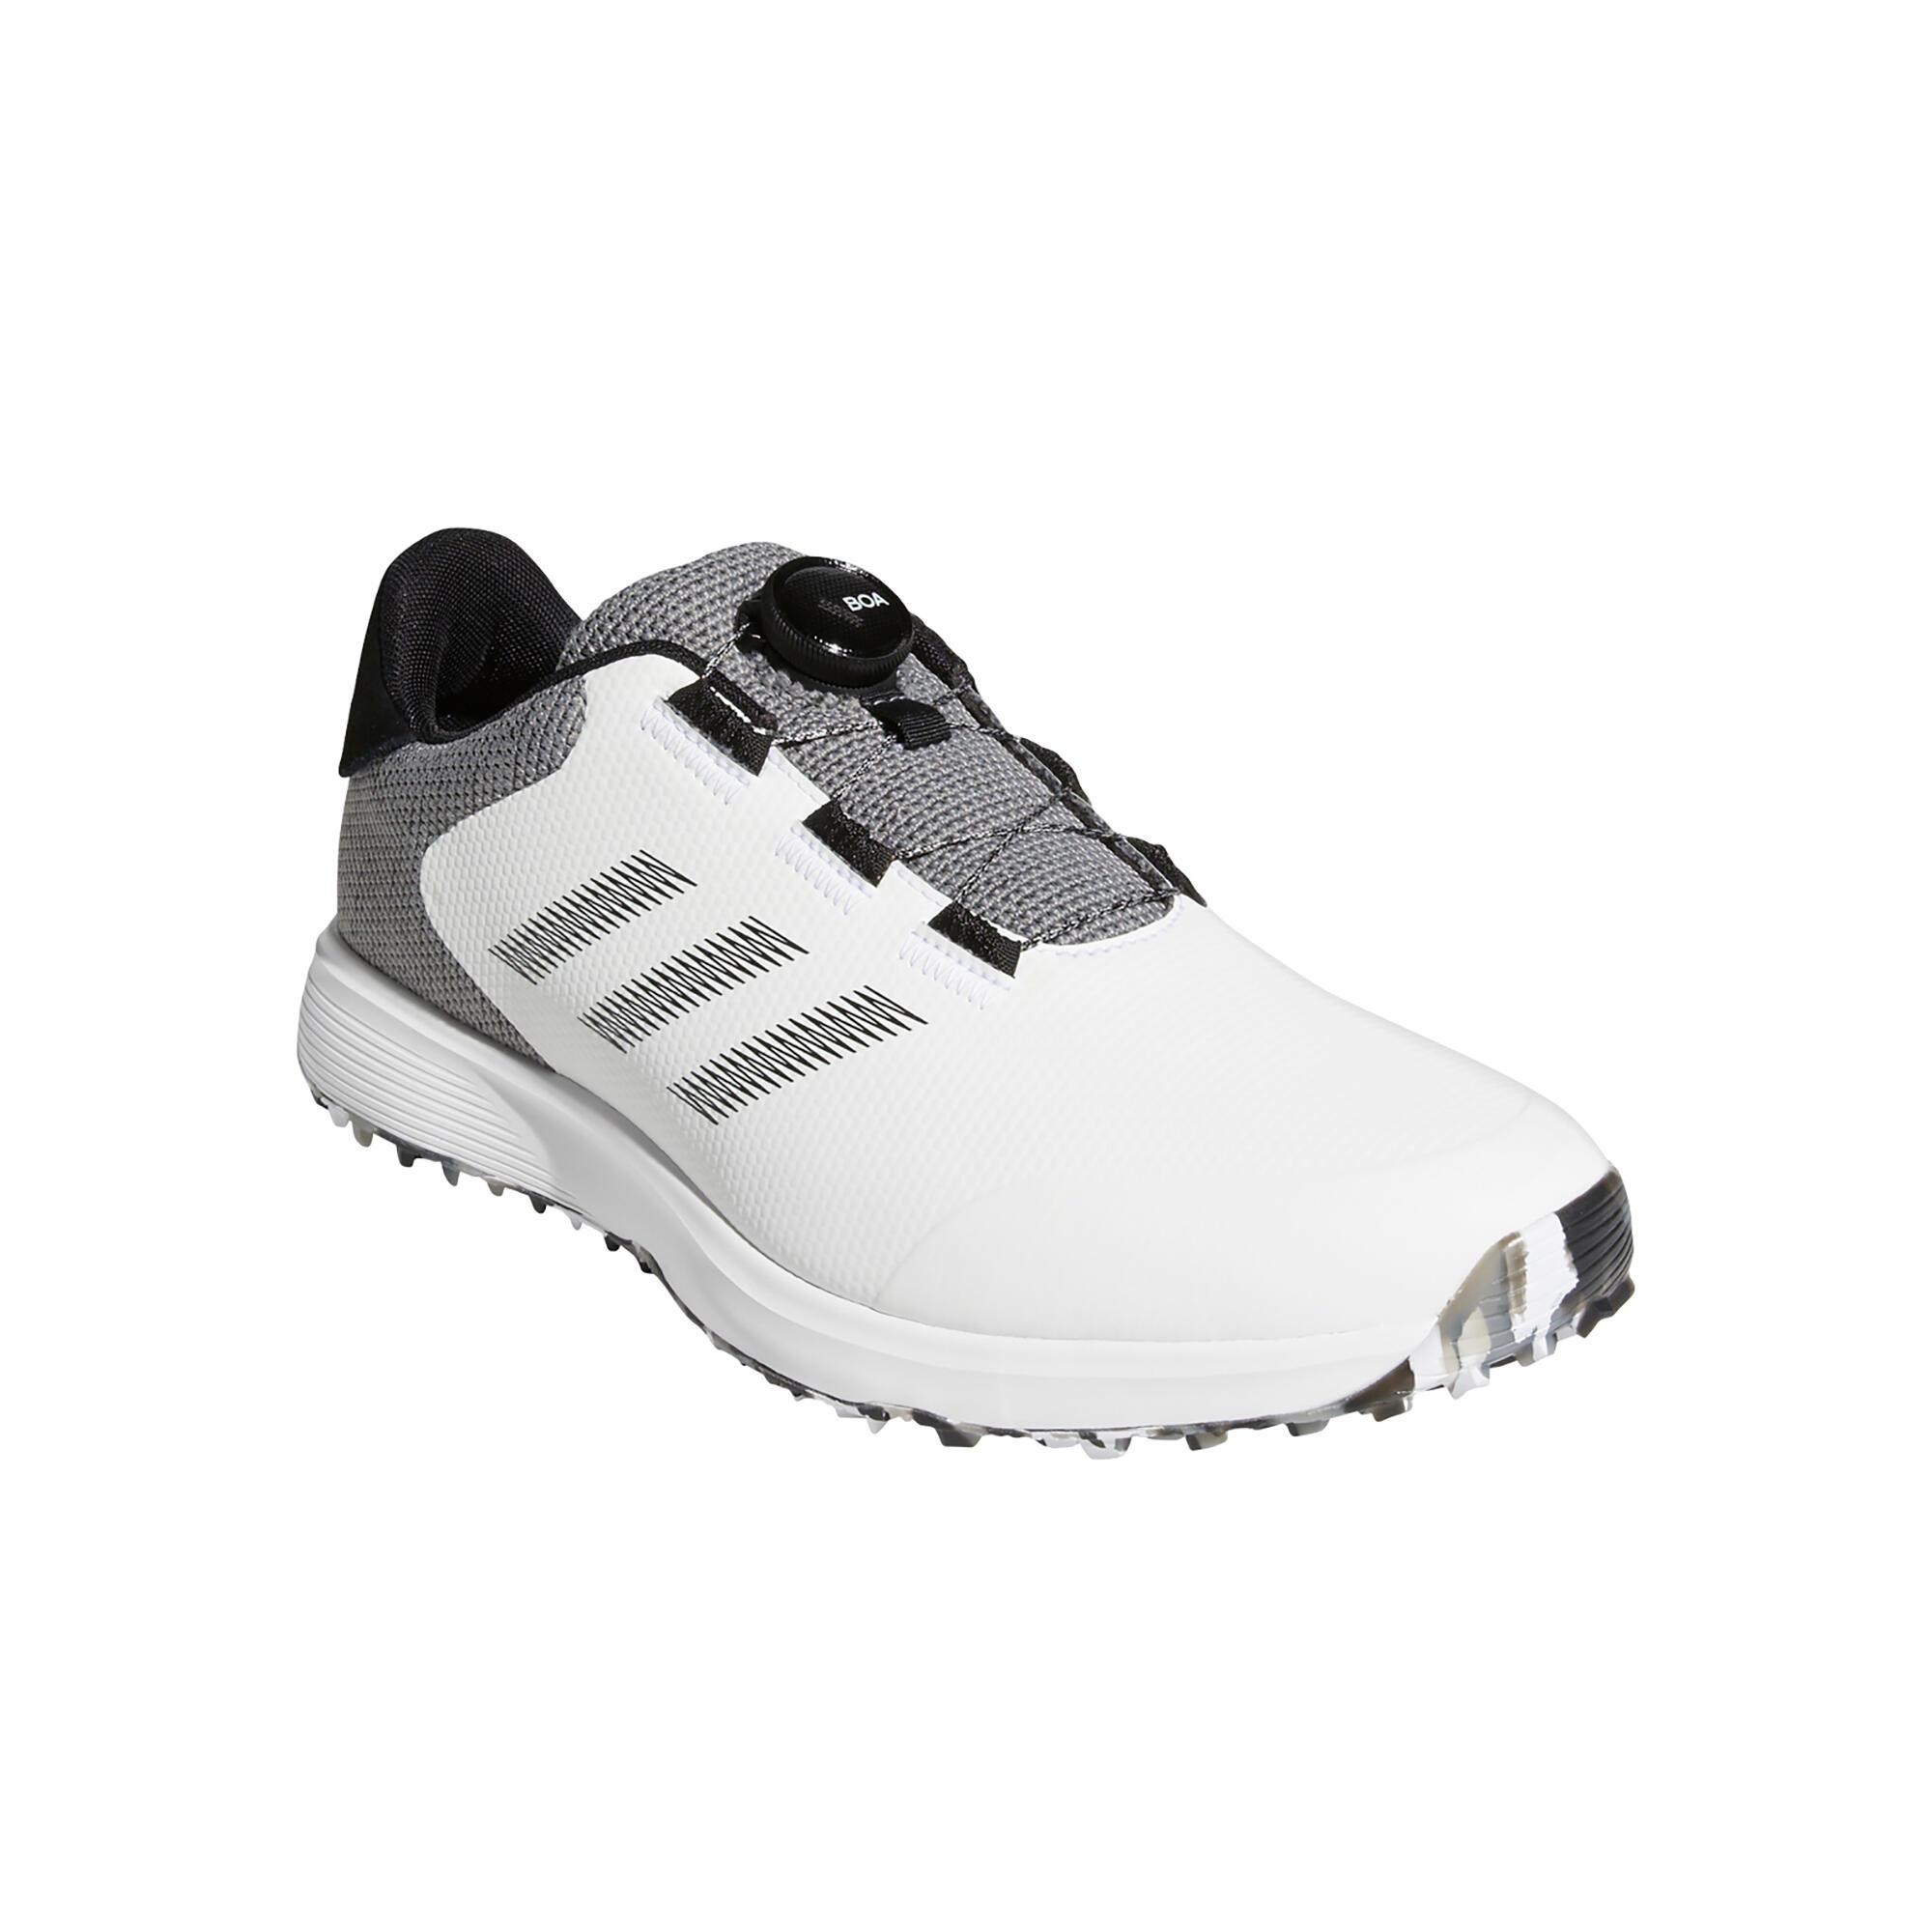 Chaussures de golf (homme, femme, enfant), chaussures de golf ...